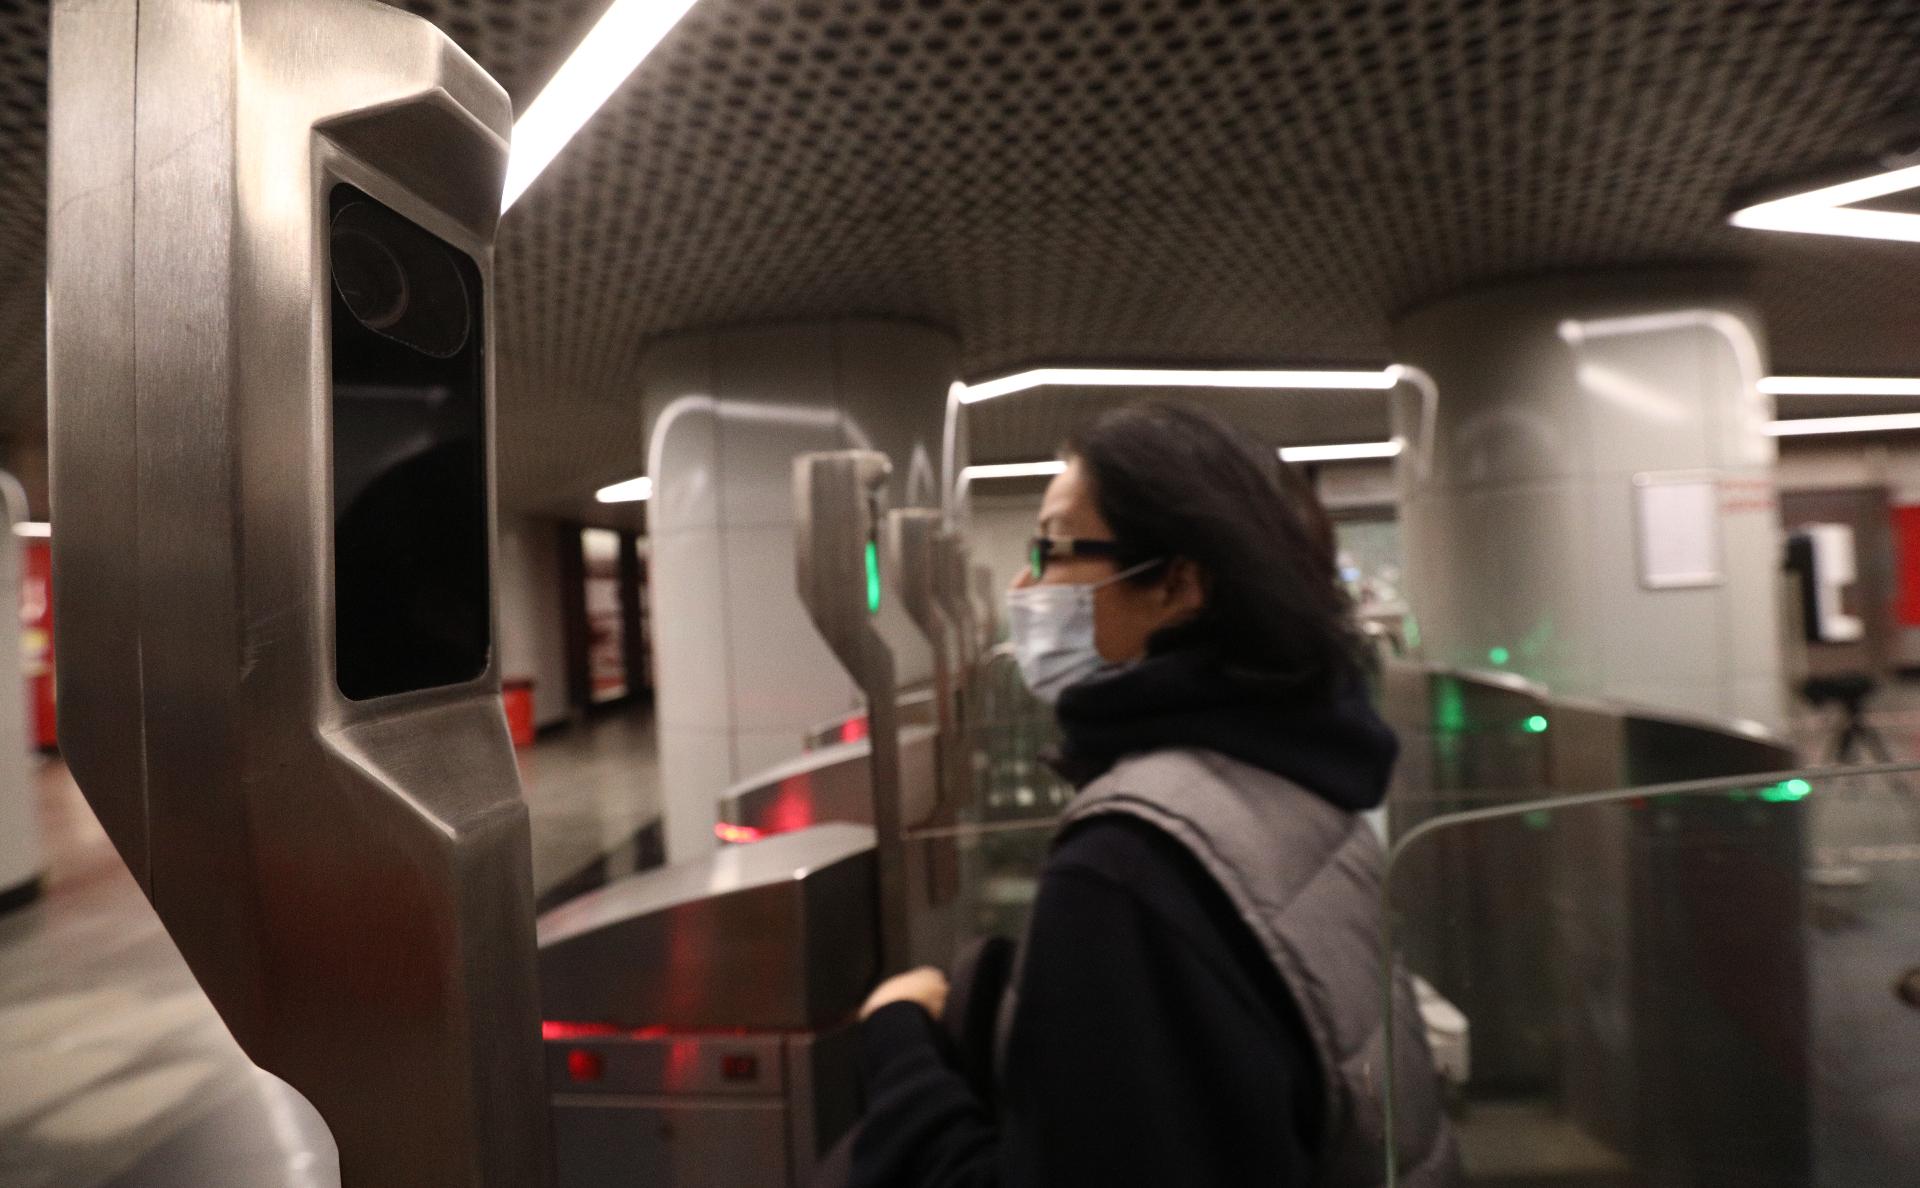 В Москве на всех станциях метро заработает система оплаты лицом